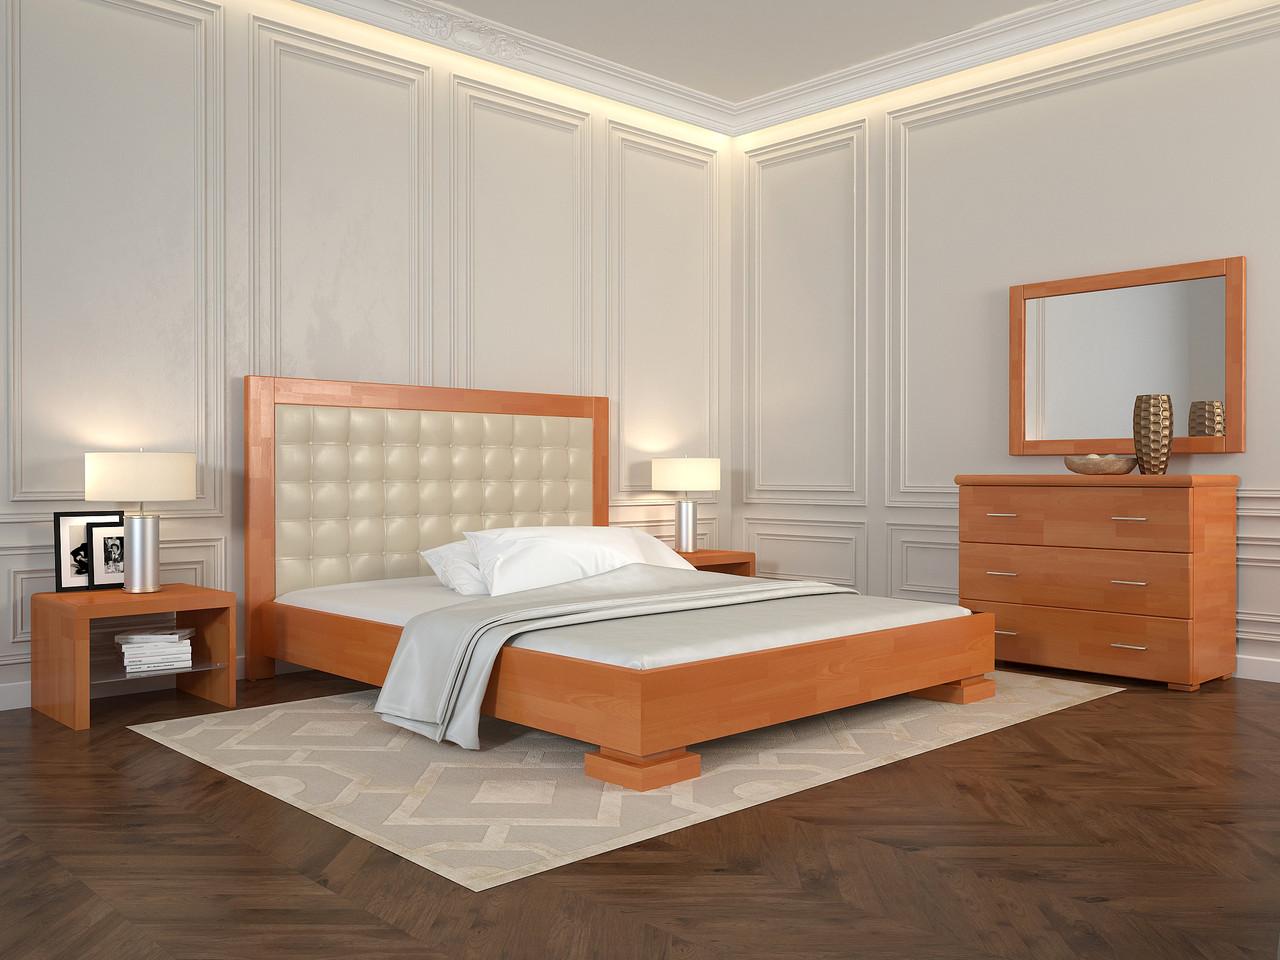 Ліжко Arbordrev Подіум квадрати (160*200) сосна